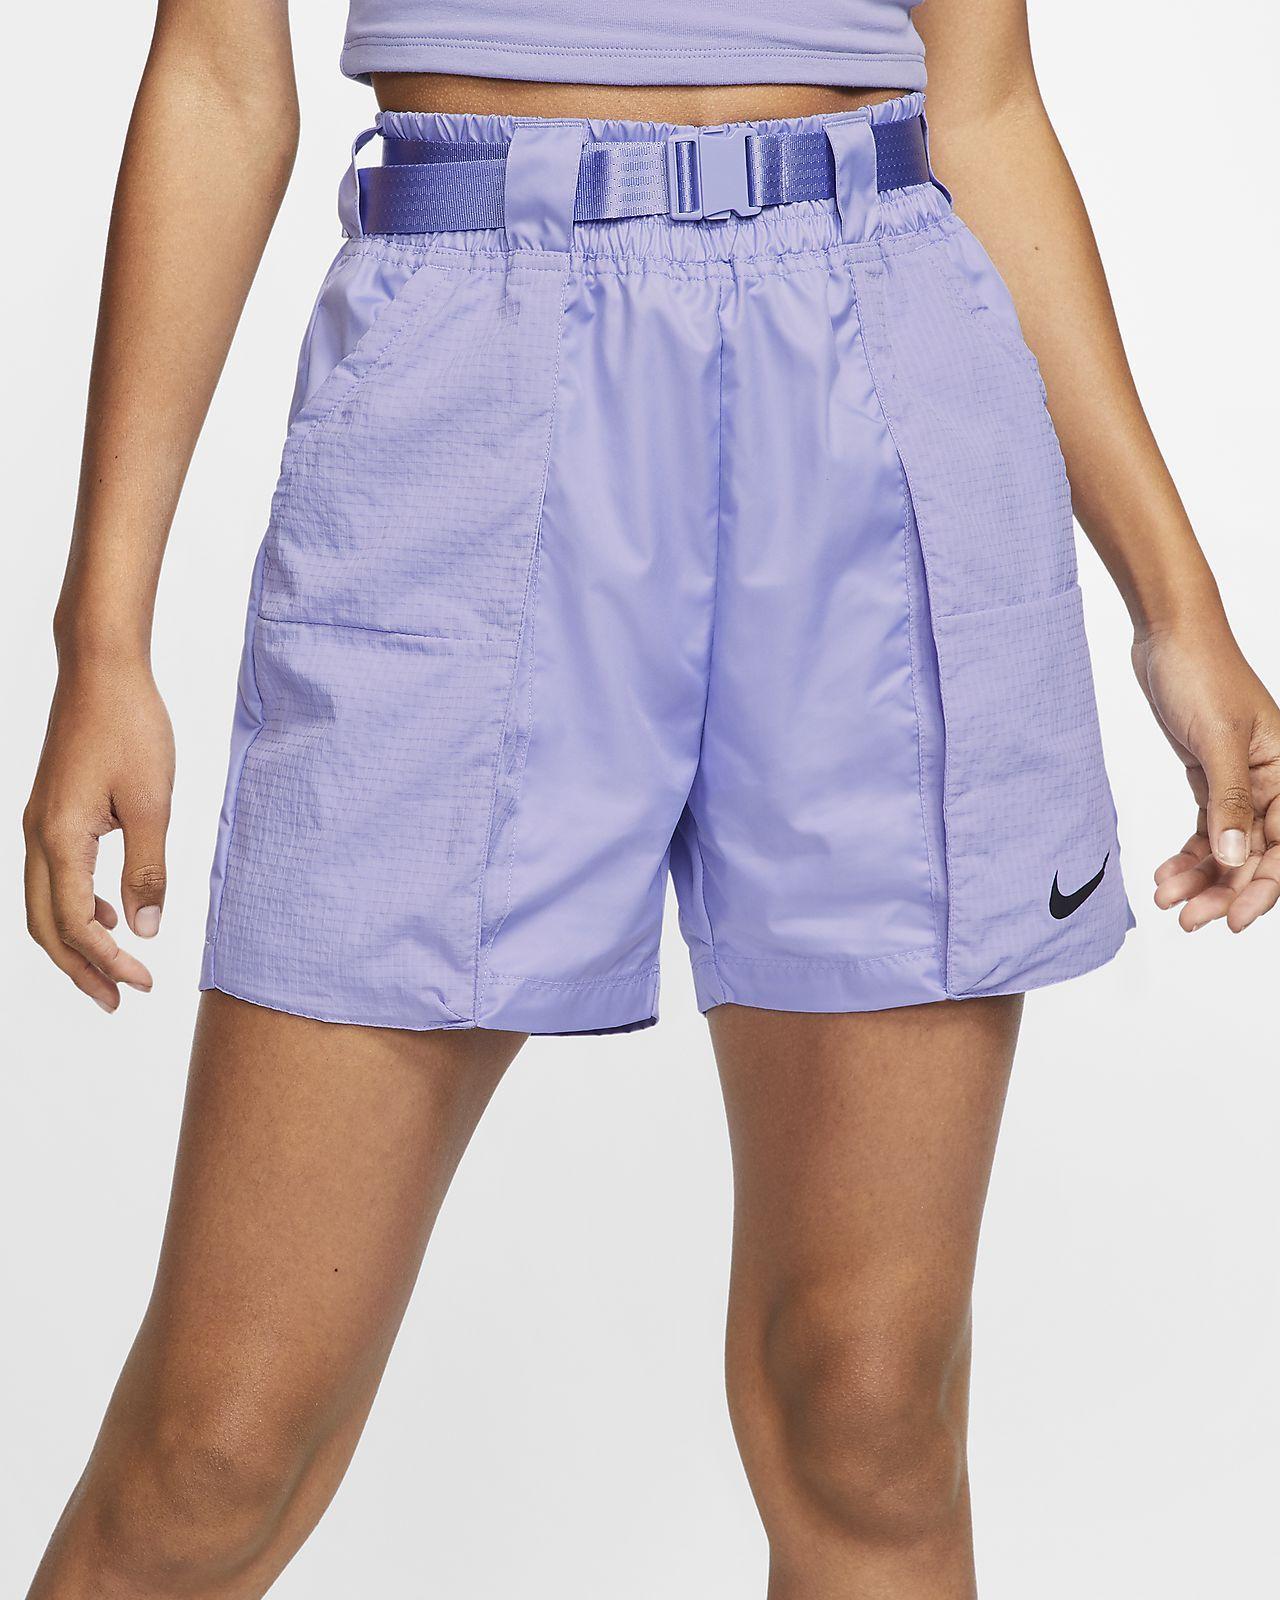 buscar autorización comprar nuevo venta directa de fábrica Nike Sportswear Swoosh Women's Woven Shorts. Nike.com in 2020   Nike  sportswear, Sportswear, Women